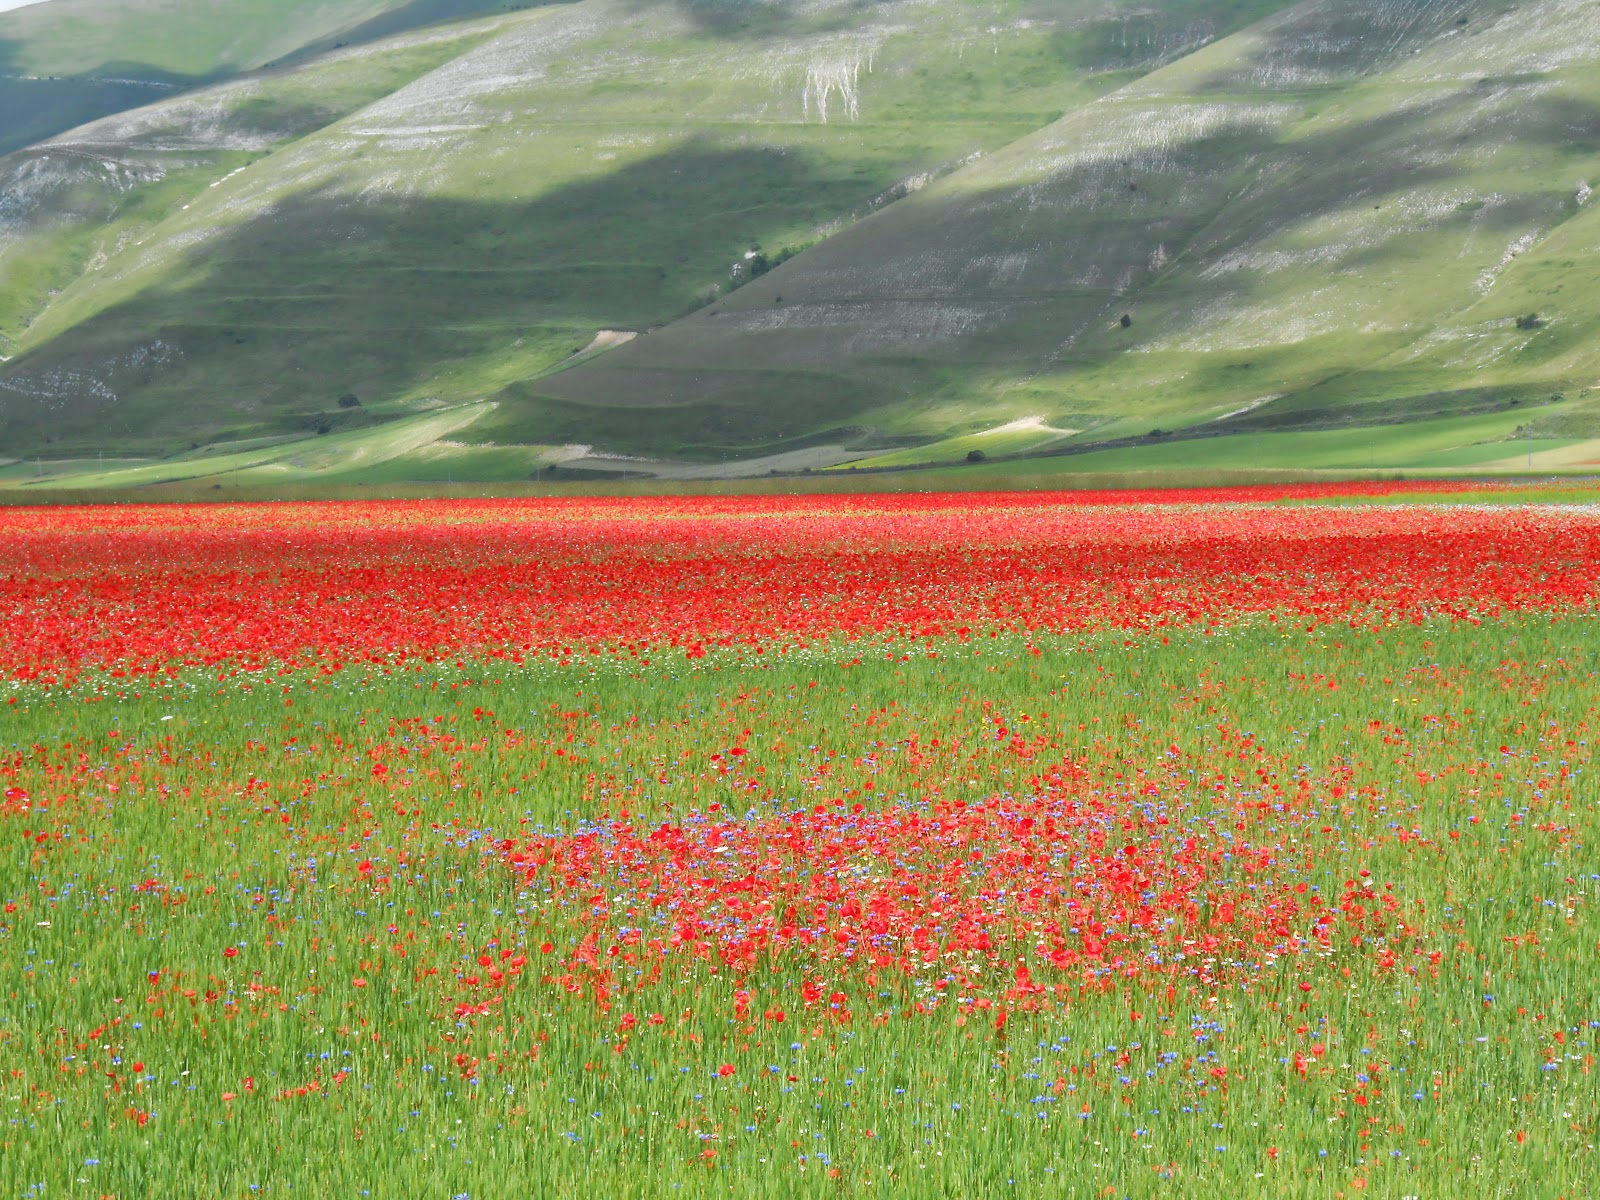 La collina dei mici le fioriture multicolore dei piani di for Piani di campagna in collina